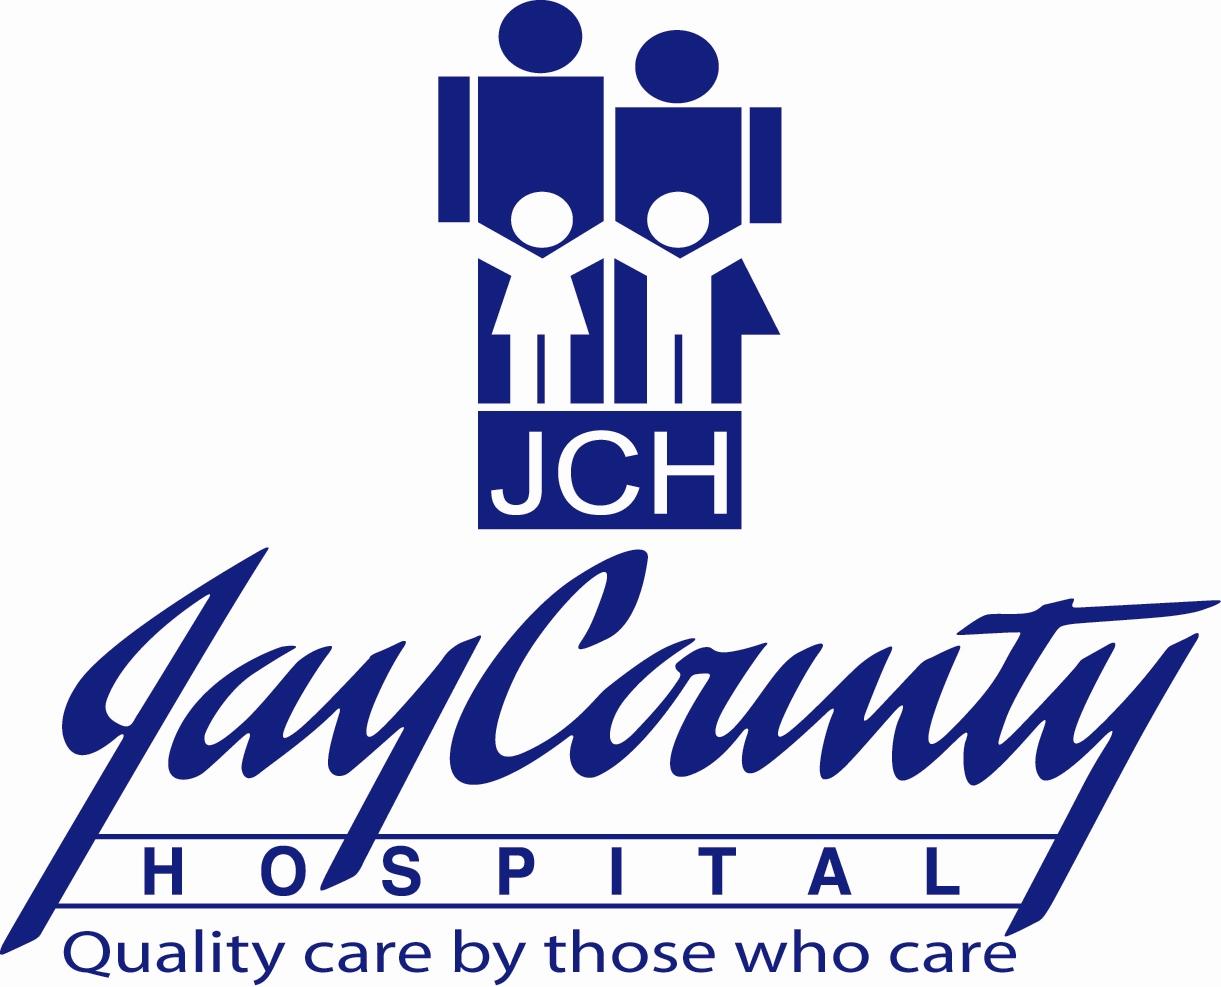 Jay County Hospital